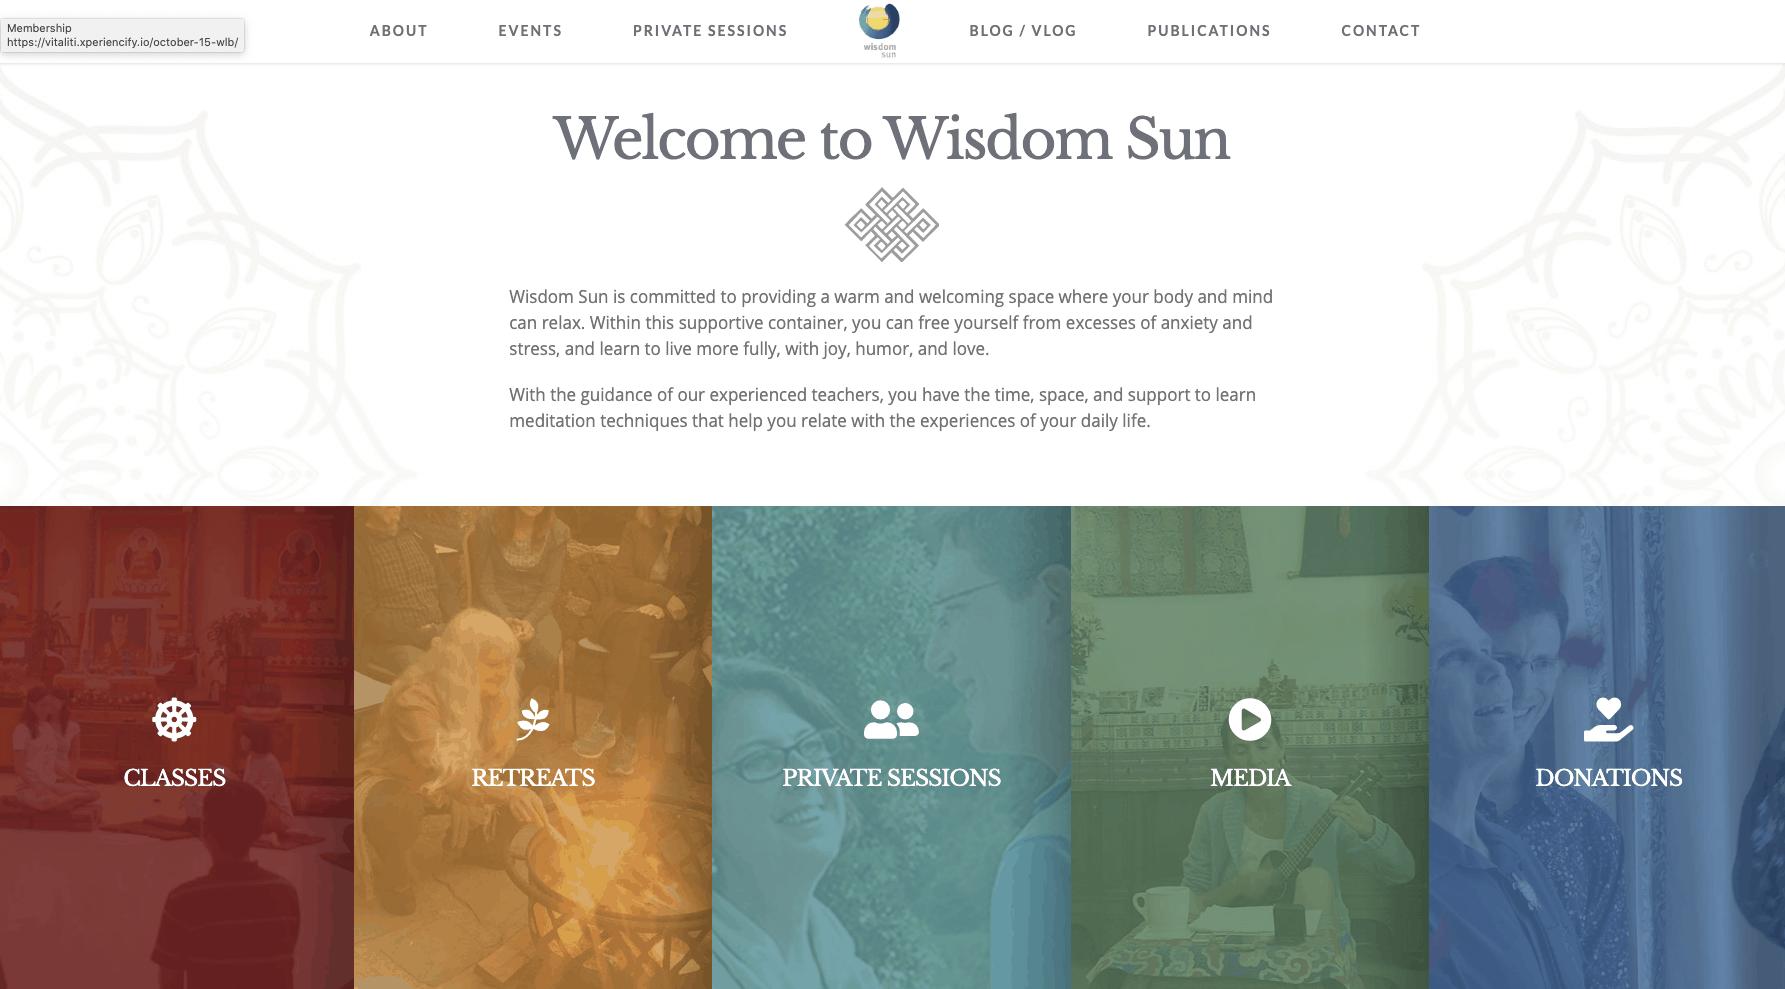 Wisdom Sun